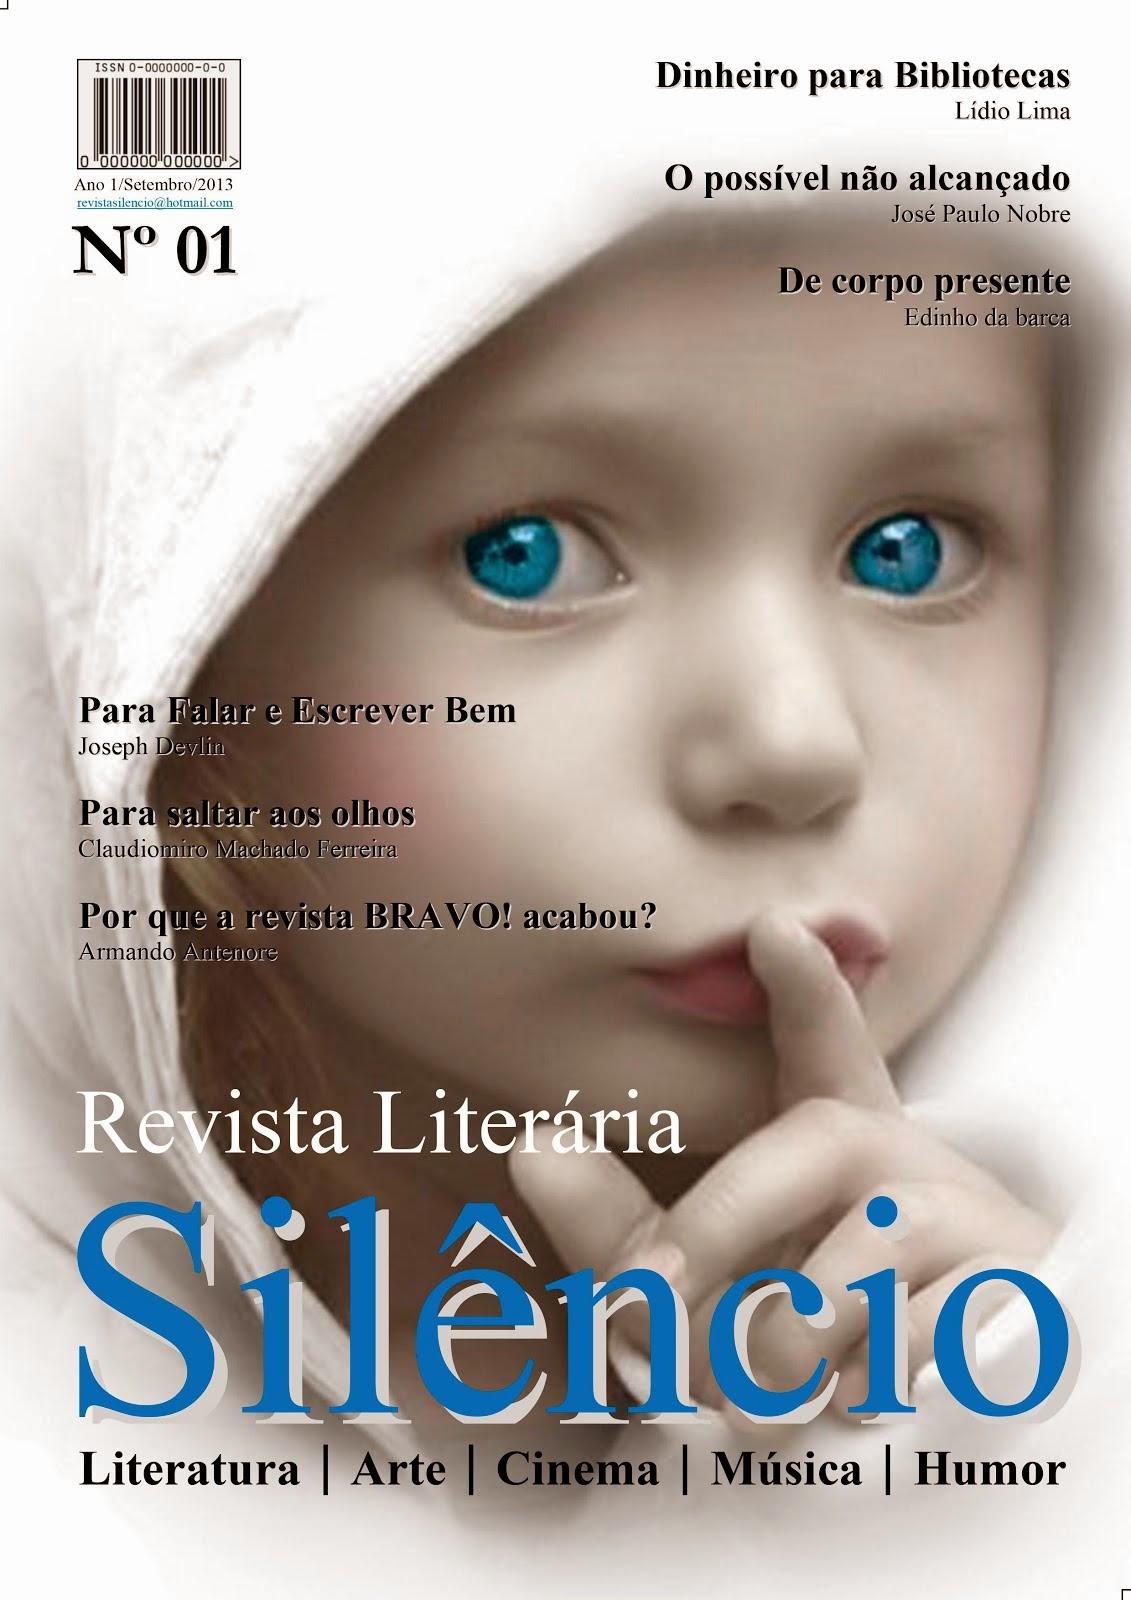 Revista Literária Silêncio nº01